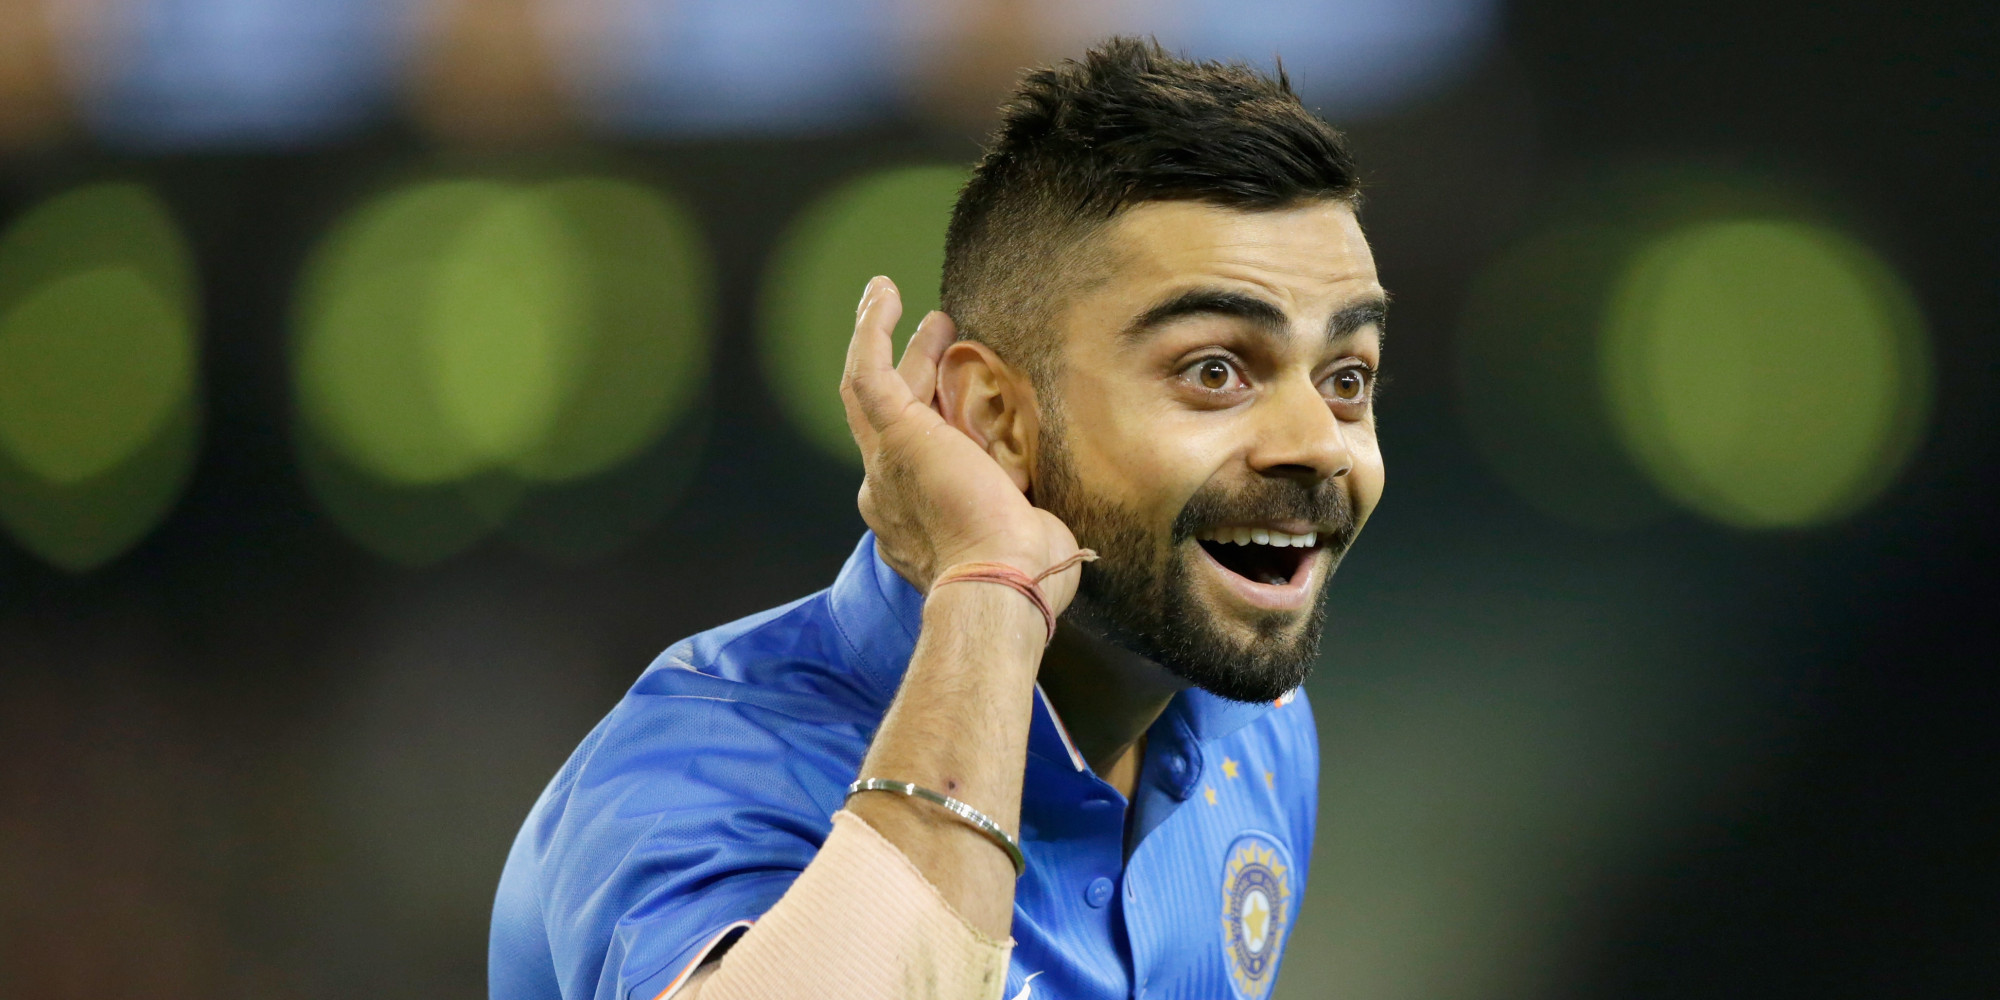 टी-20 विश्वकप में भारत के लिए सबसे अधिक रन बनाने वाले विराट कोहली की वजह से ही विश्वकप से बाहर हुई भारतीय टीम 12